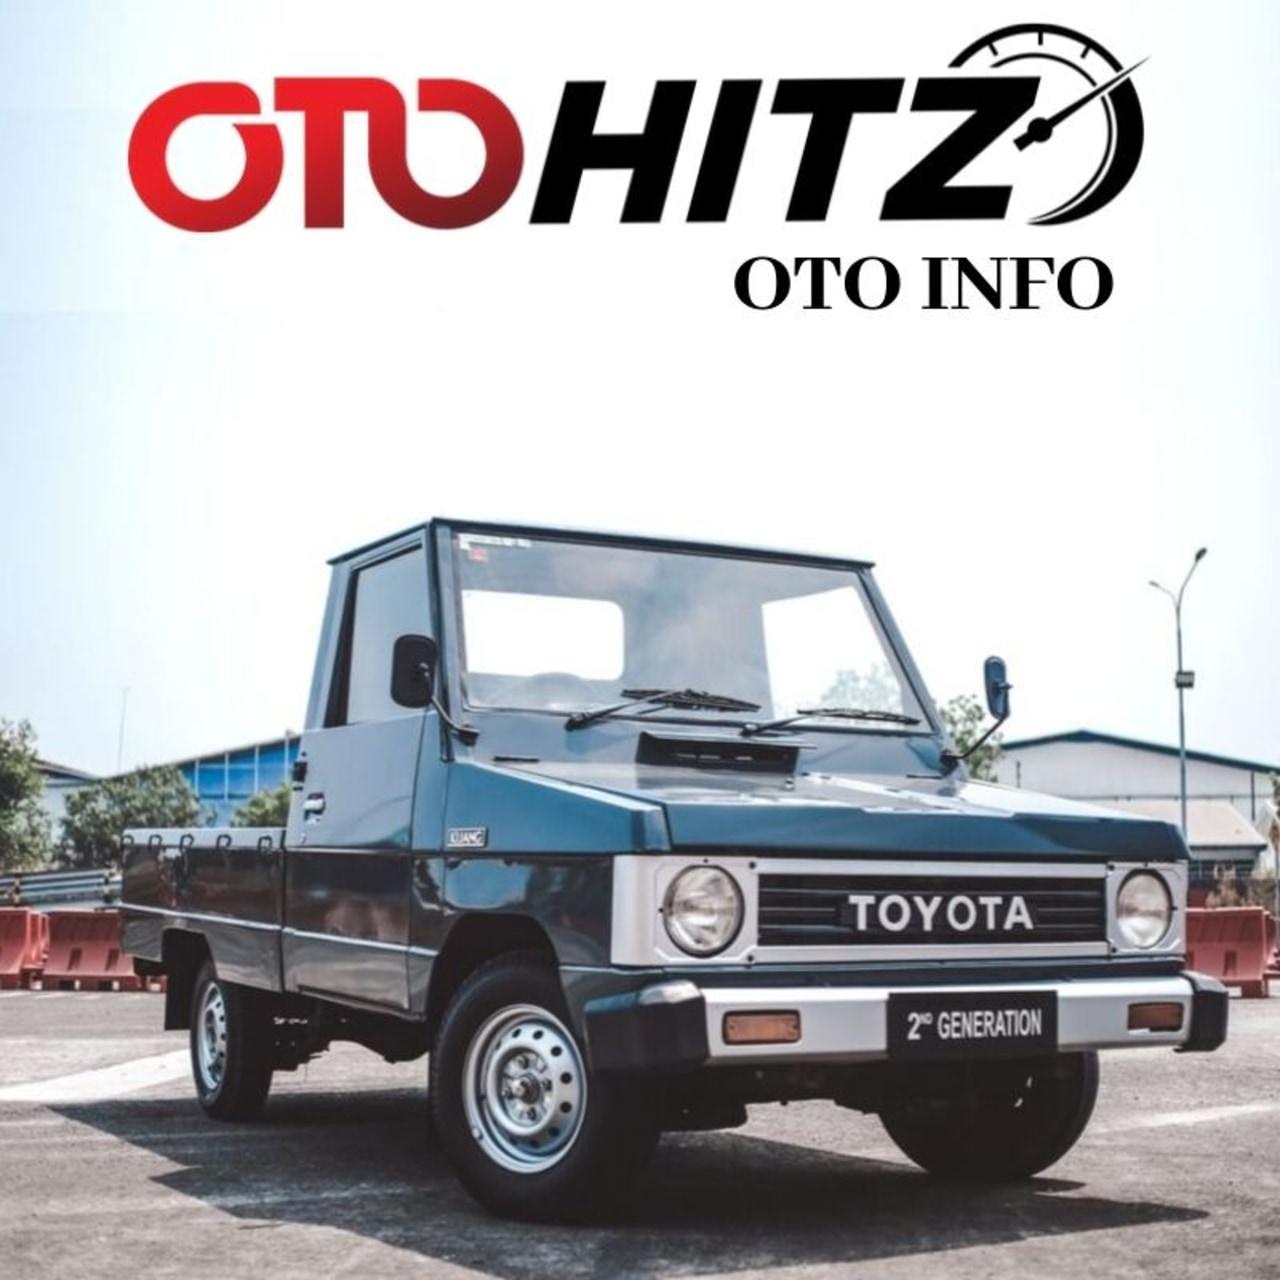 OTOHITZ-OTO INFO